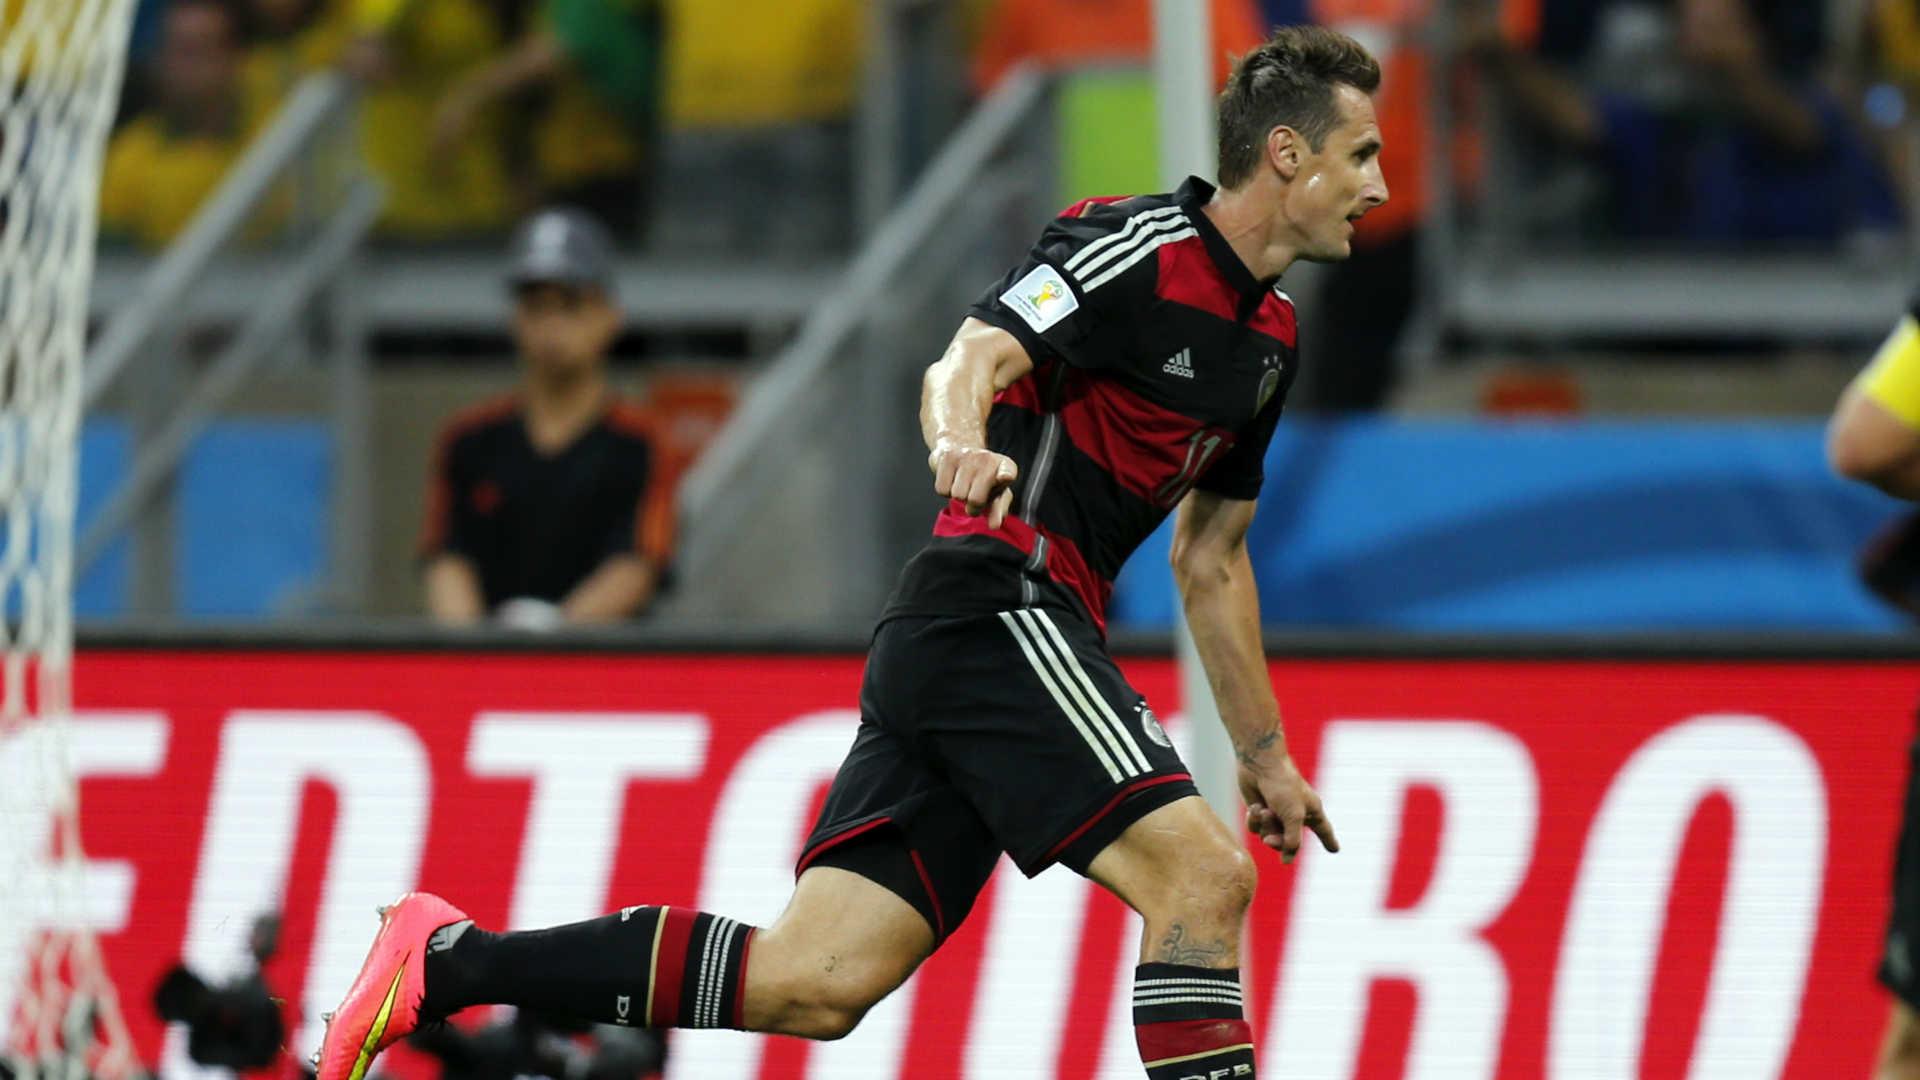 Miroslav Klose-070814-AP-FTR.jpg